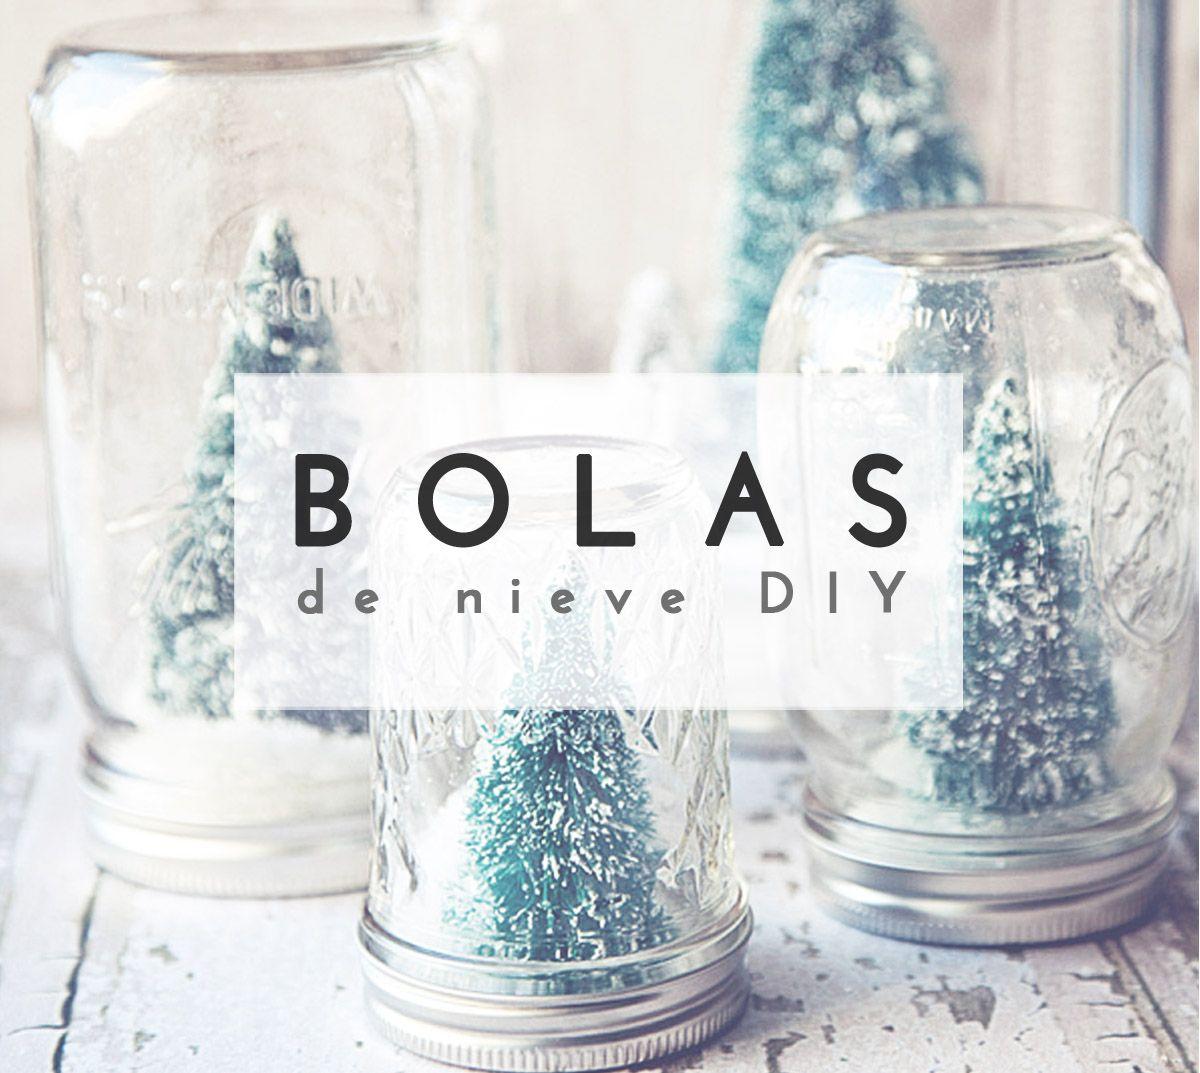 Crea tu propia bola de nieve diy con tarros de cristal - Bola nieve cristal ...